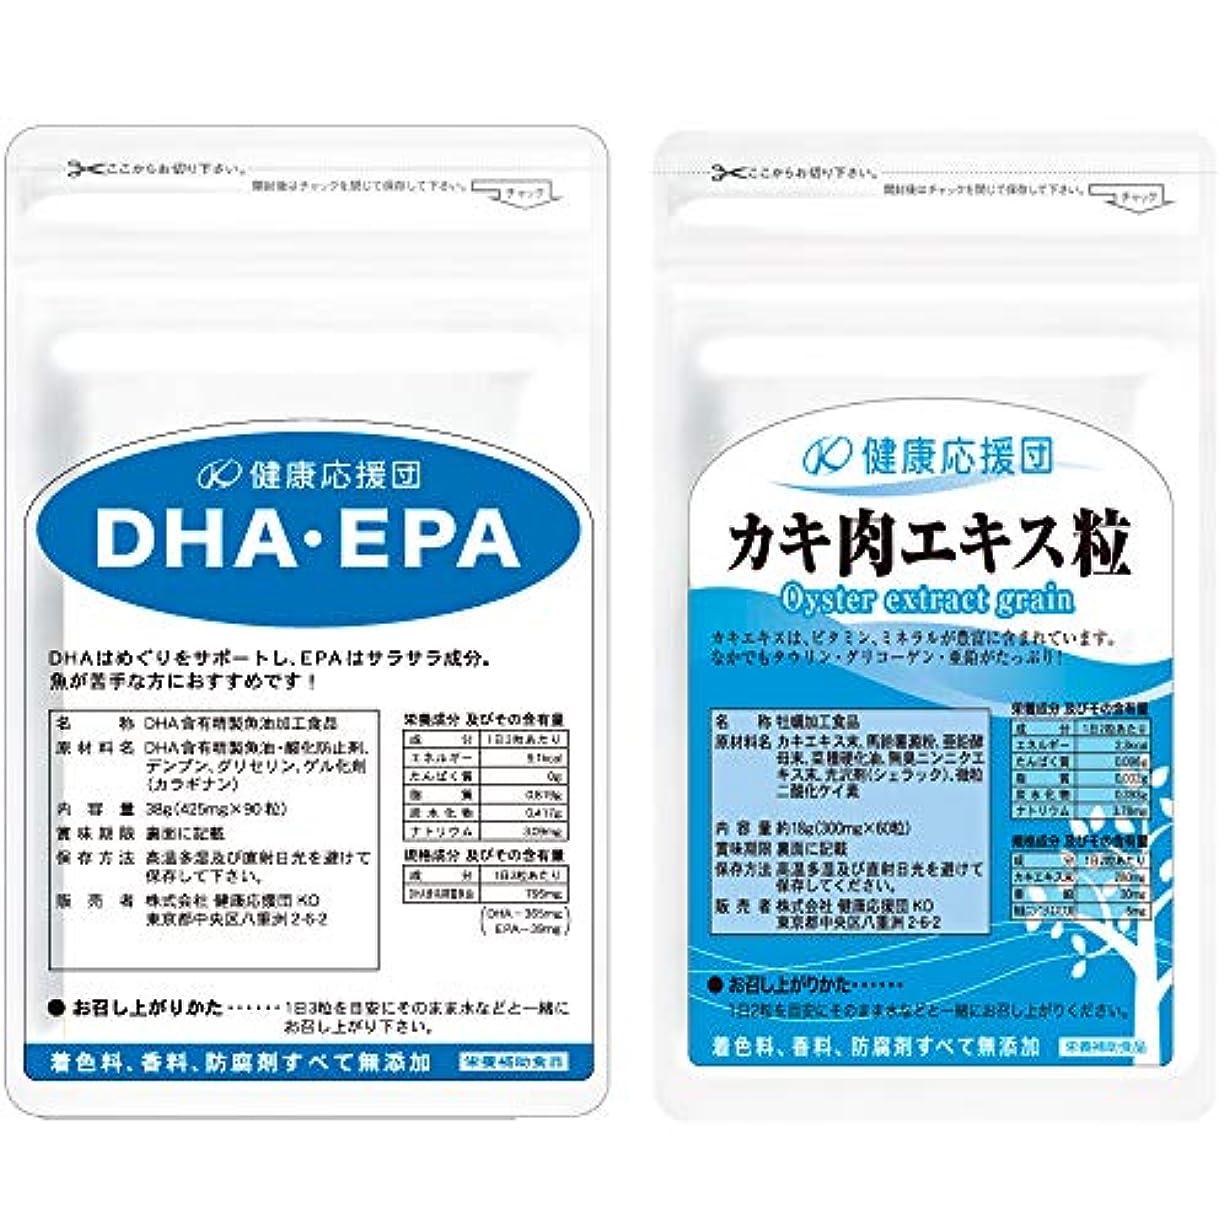 エラー契約マージ【DHA?EPA】&【濃縮牡蠣エキス粒】 肝臓の応援セット!肝臓の数値が高めの方にお勧め!